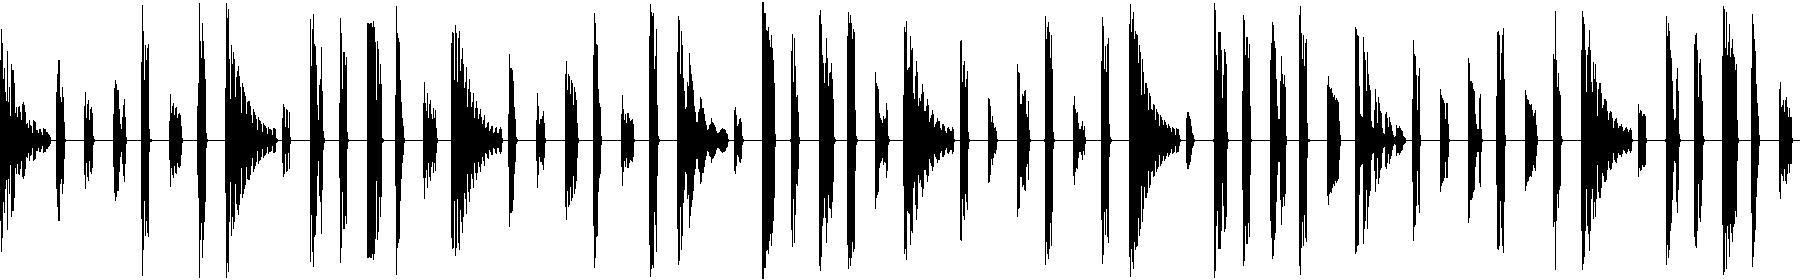 shg synth loop 14